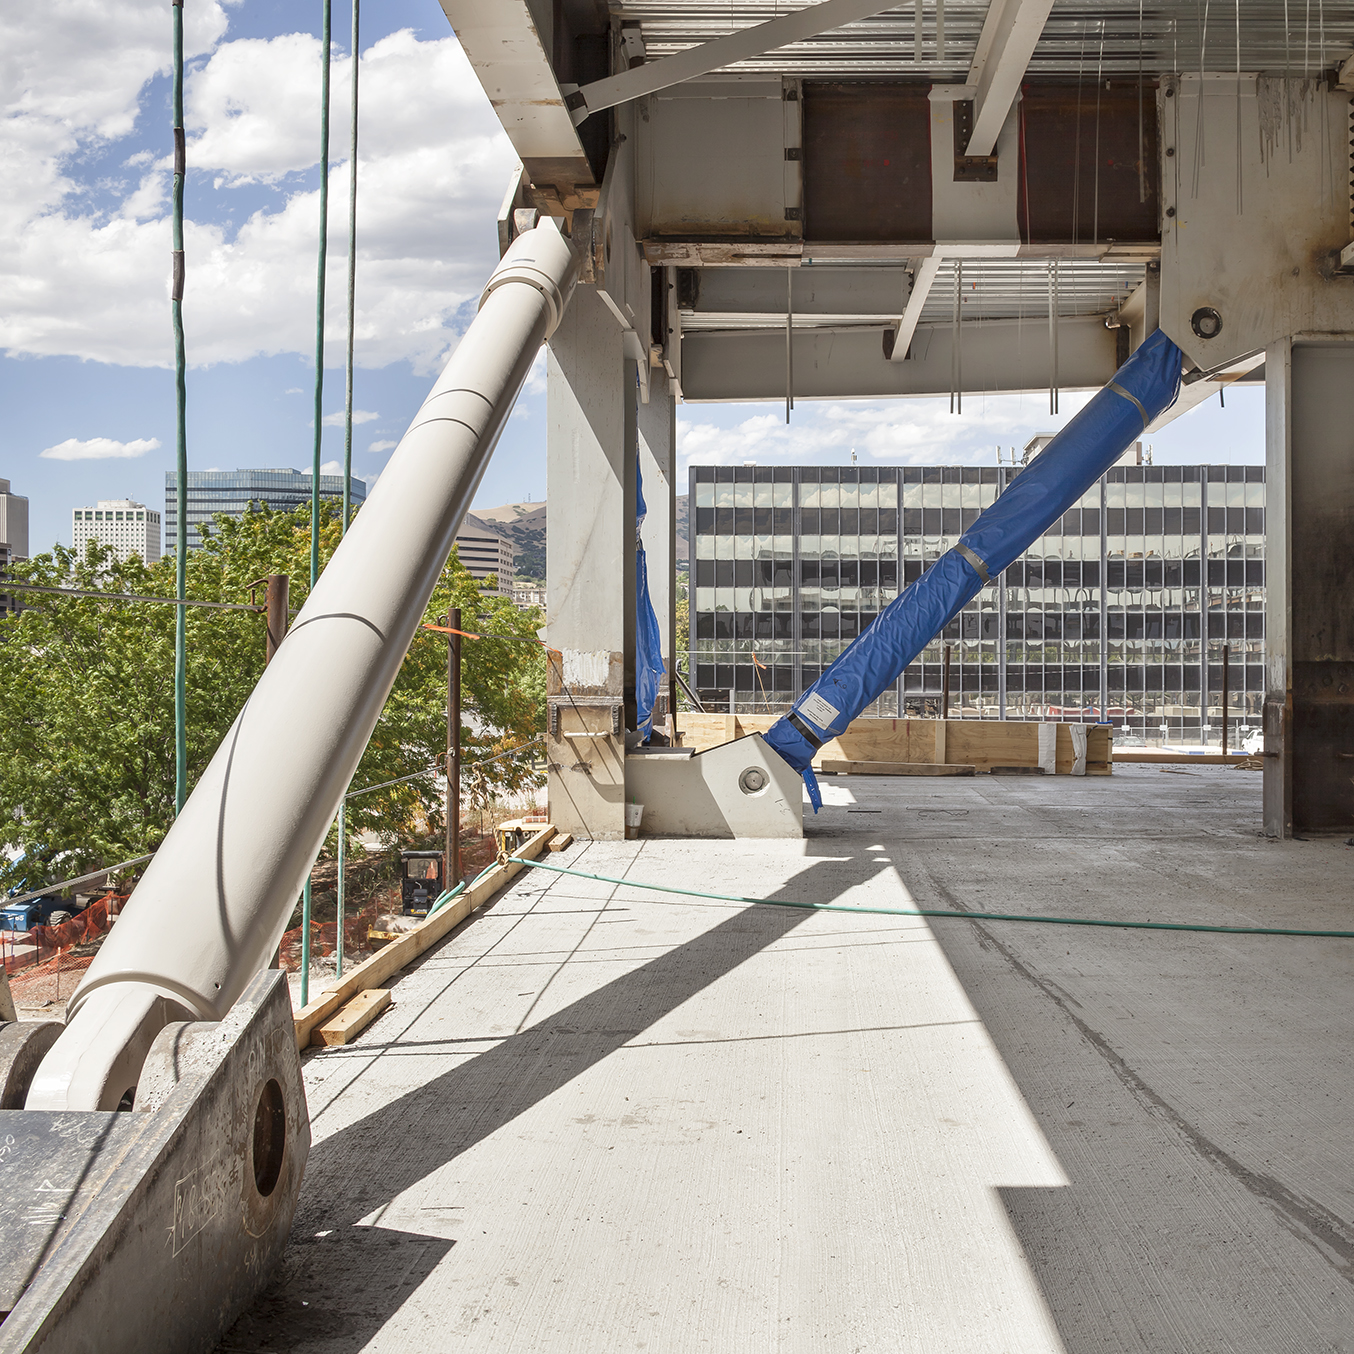 Salt Lake City Public Safety Building Under Construction: Moment Frame and Damper